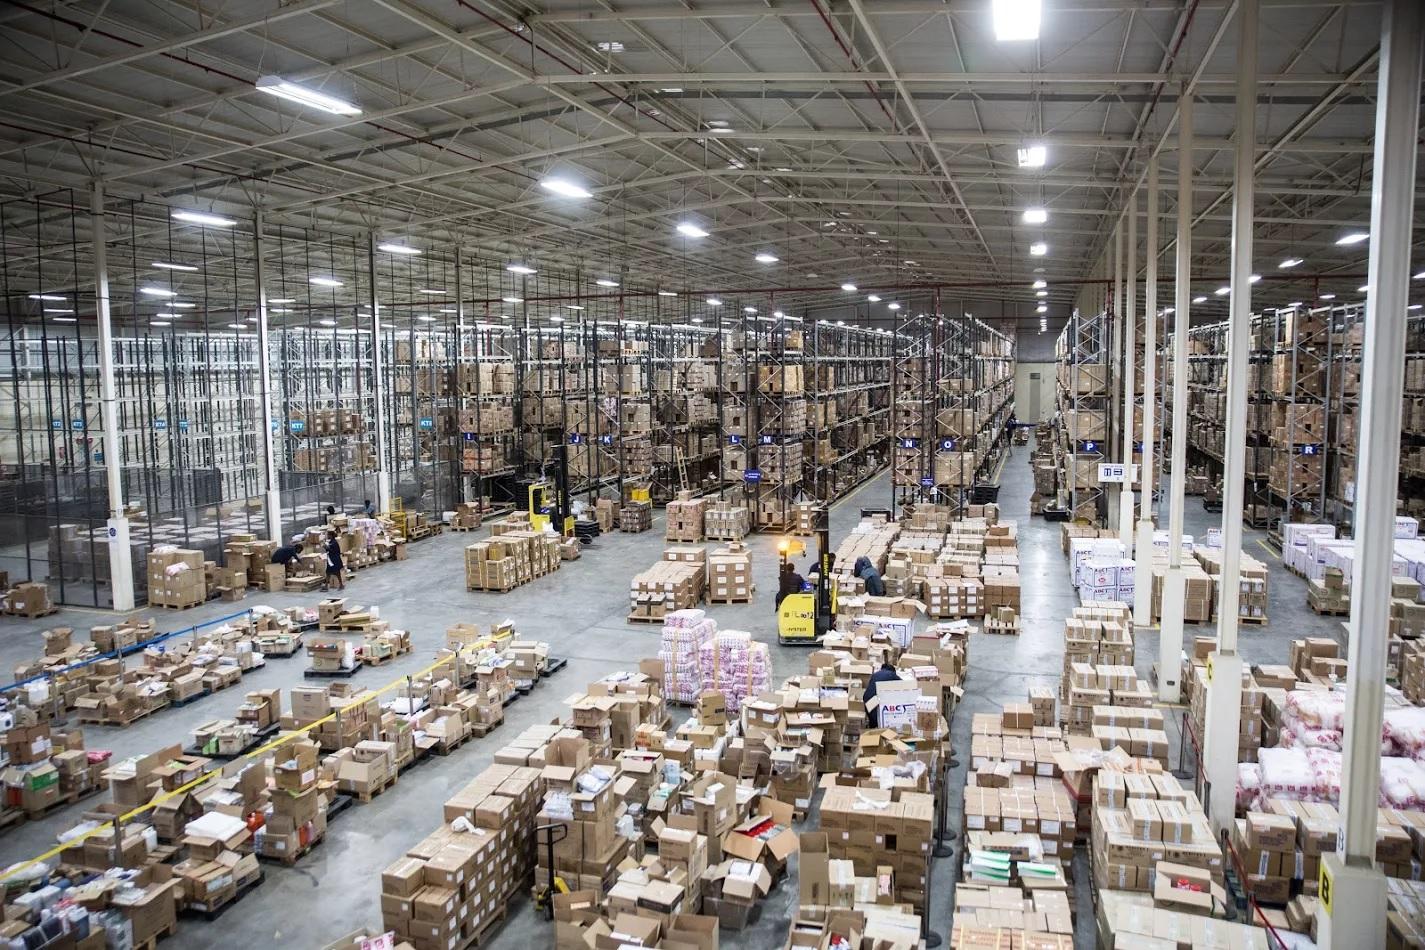 meds-warehouse-overview-fullsize